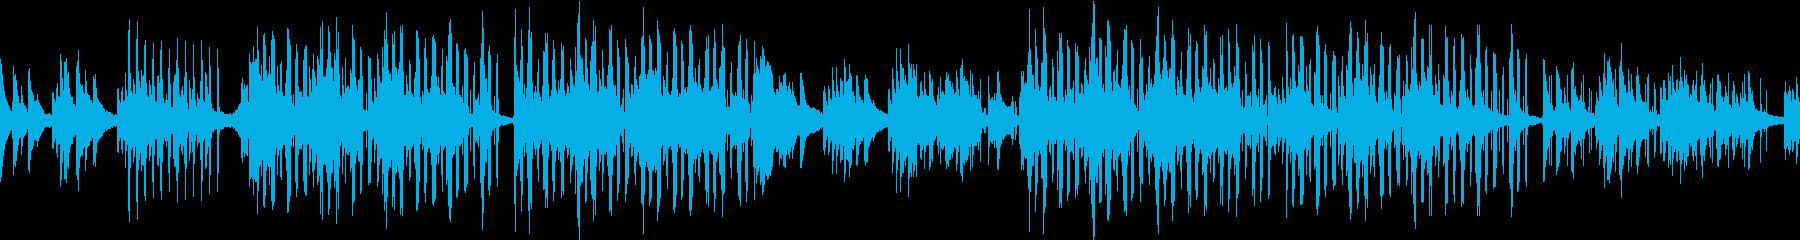 お洒落で落ち着いたピアノサウンドの再生済みの波形